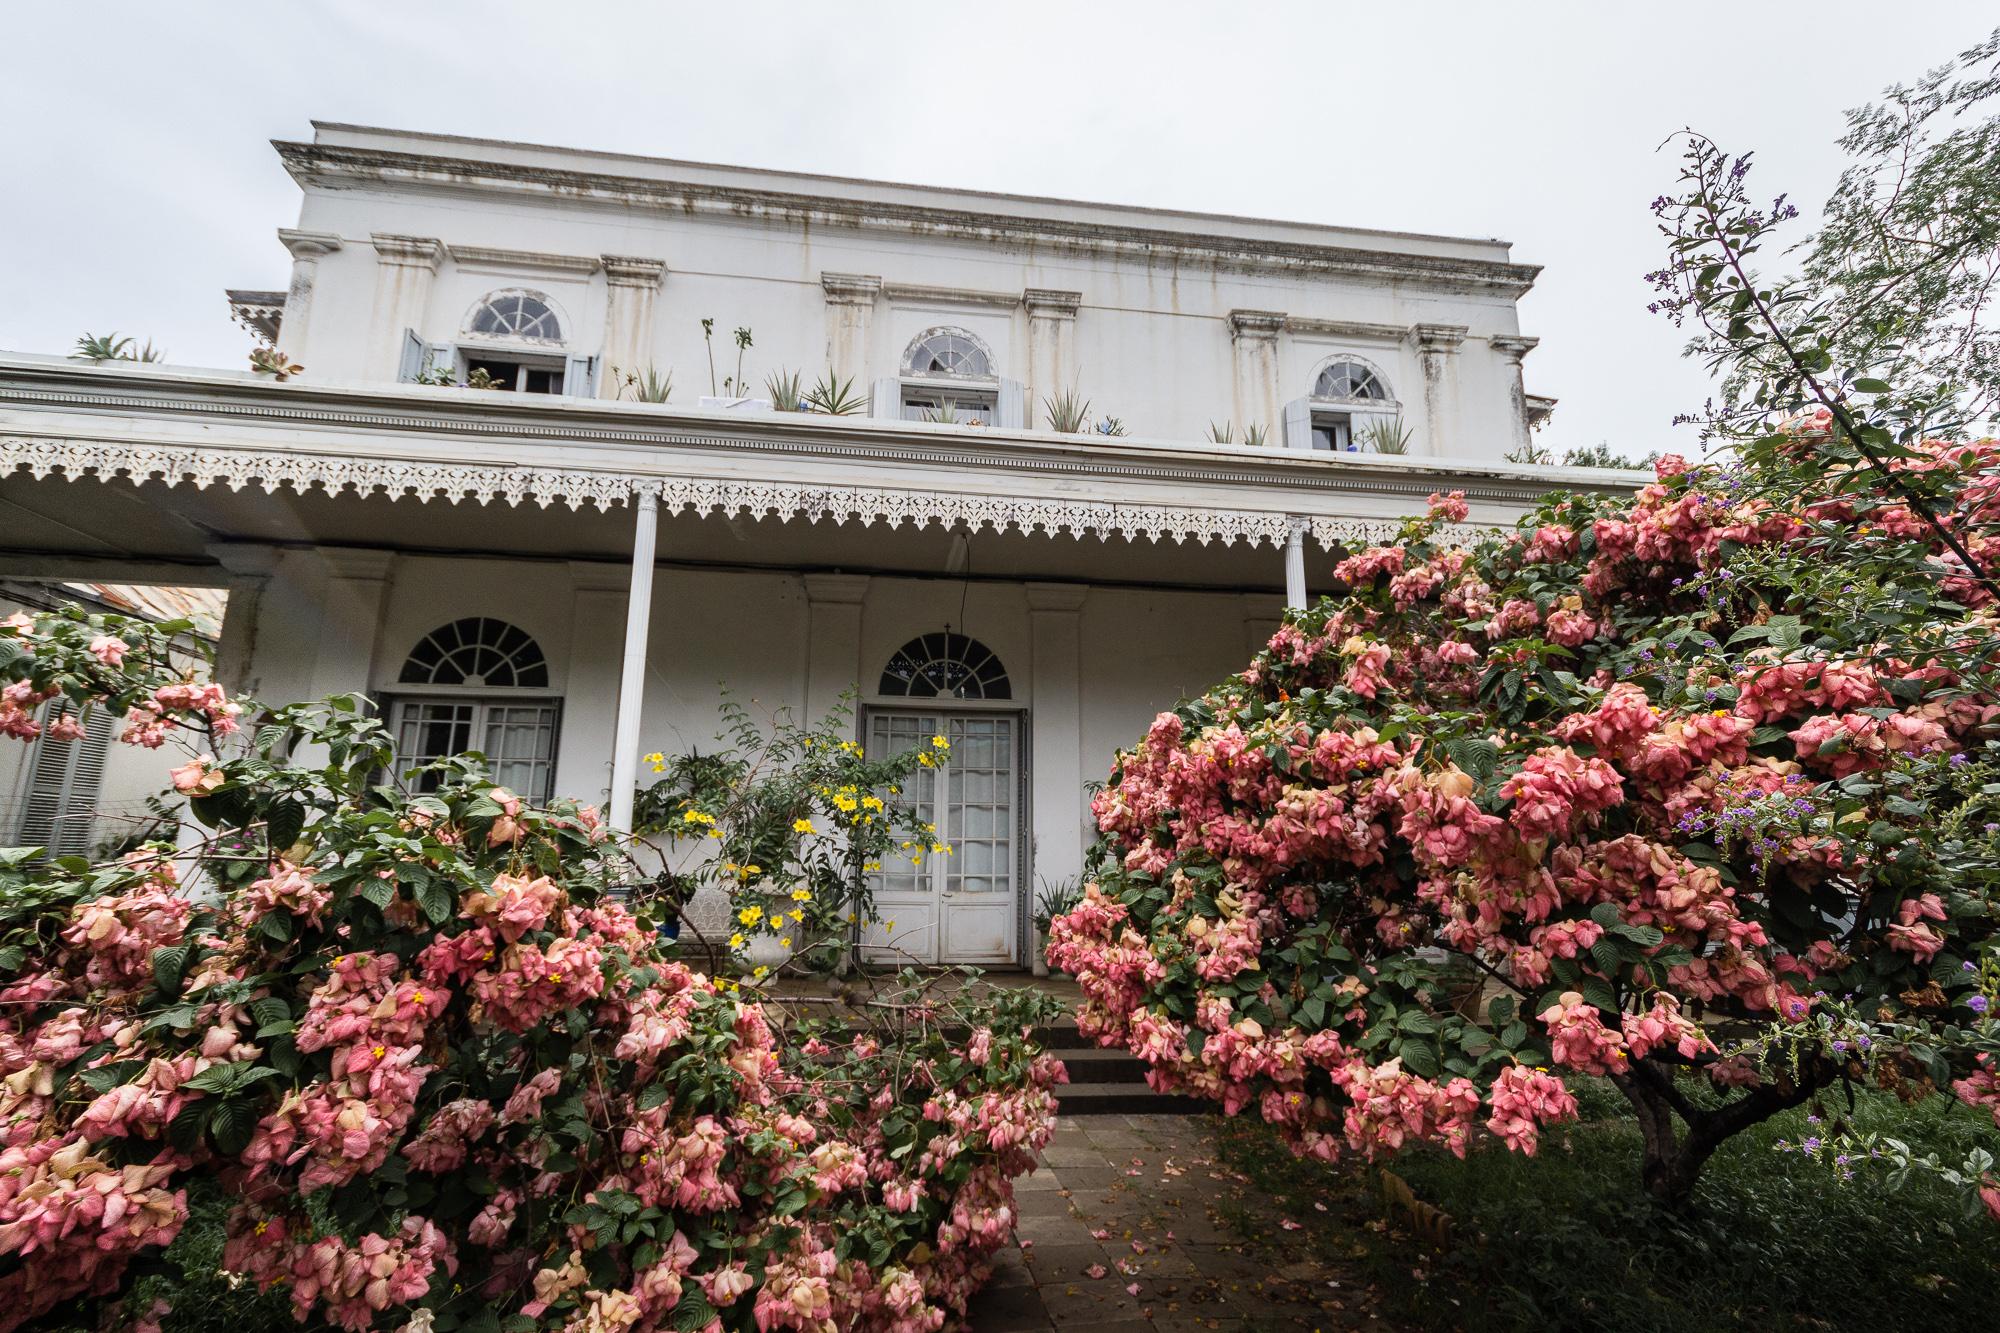 maison repiquet fleurs